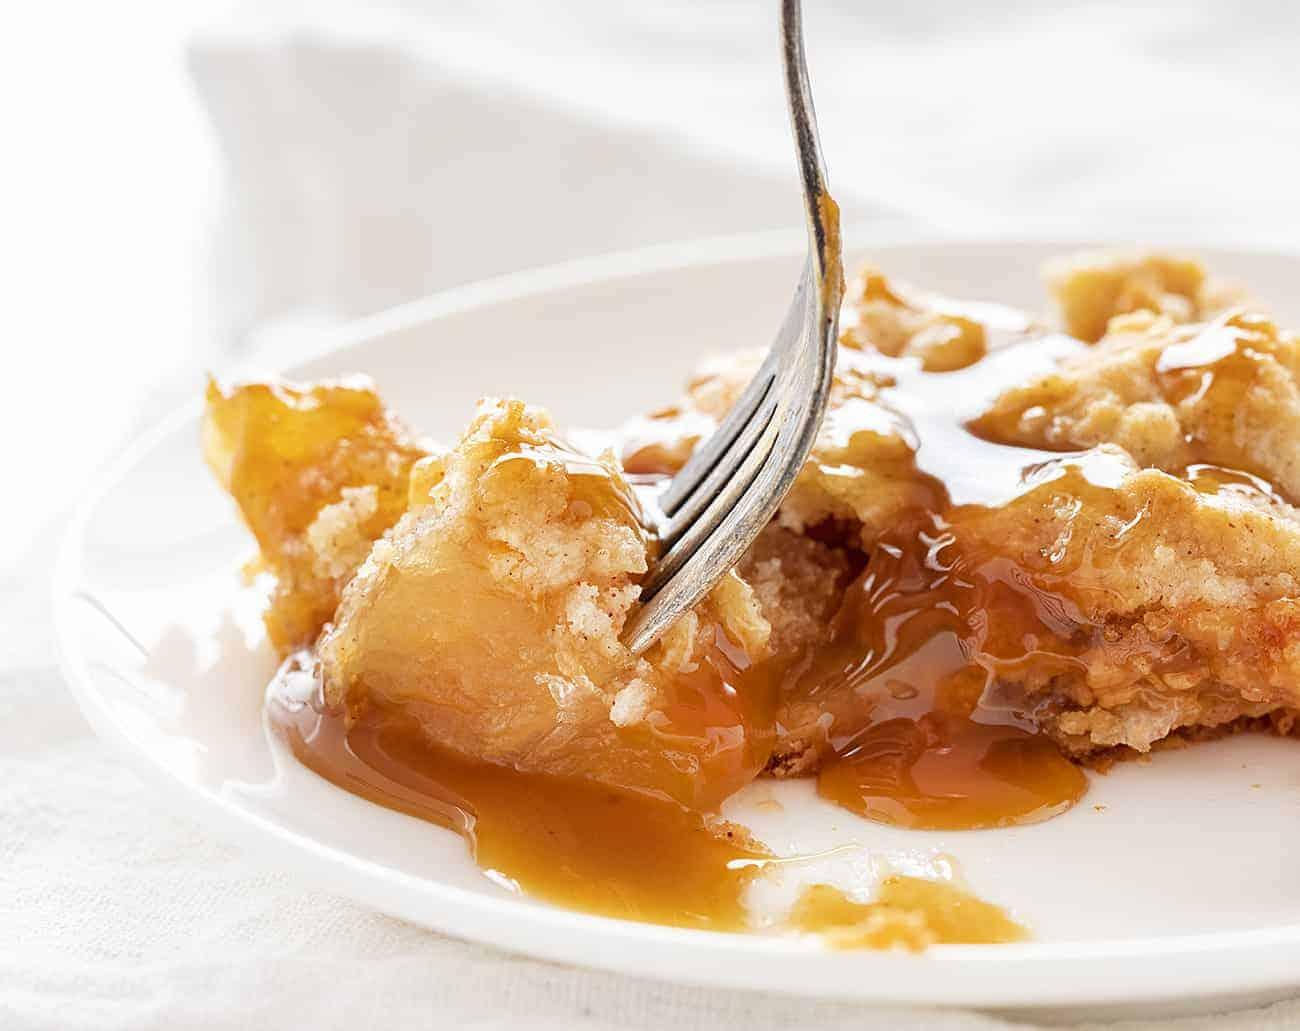 Taking a bite of Caramel Apple Dump Cake